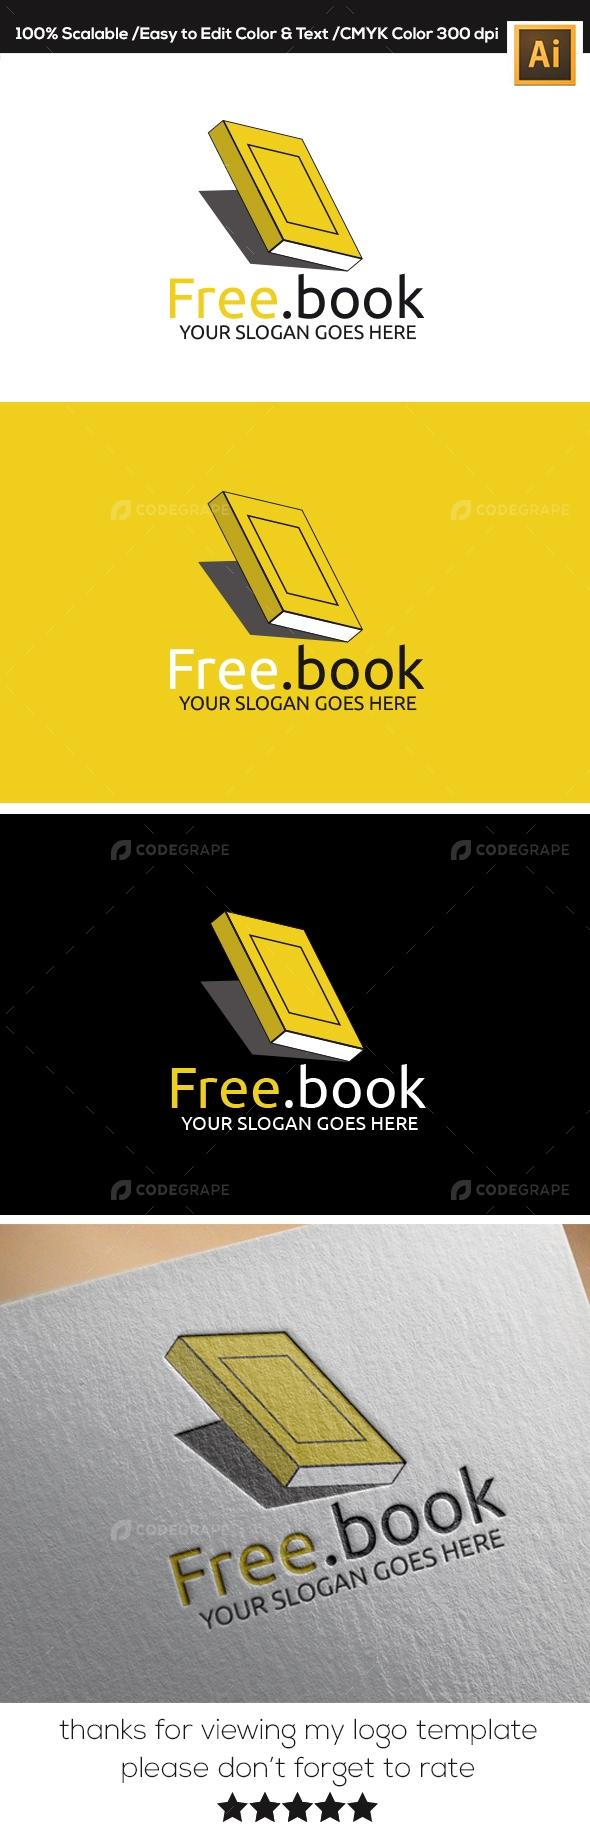 Free Book Logo